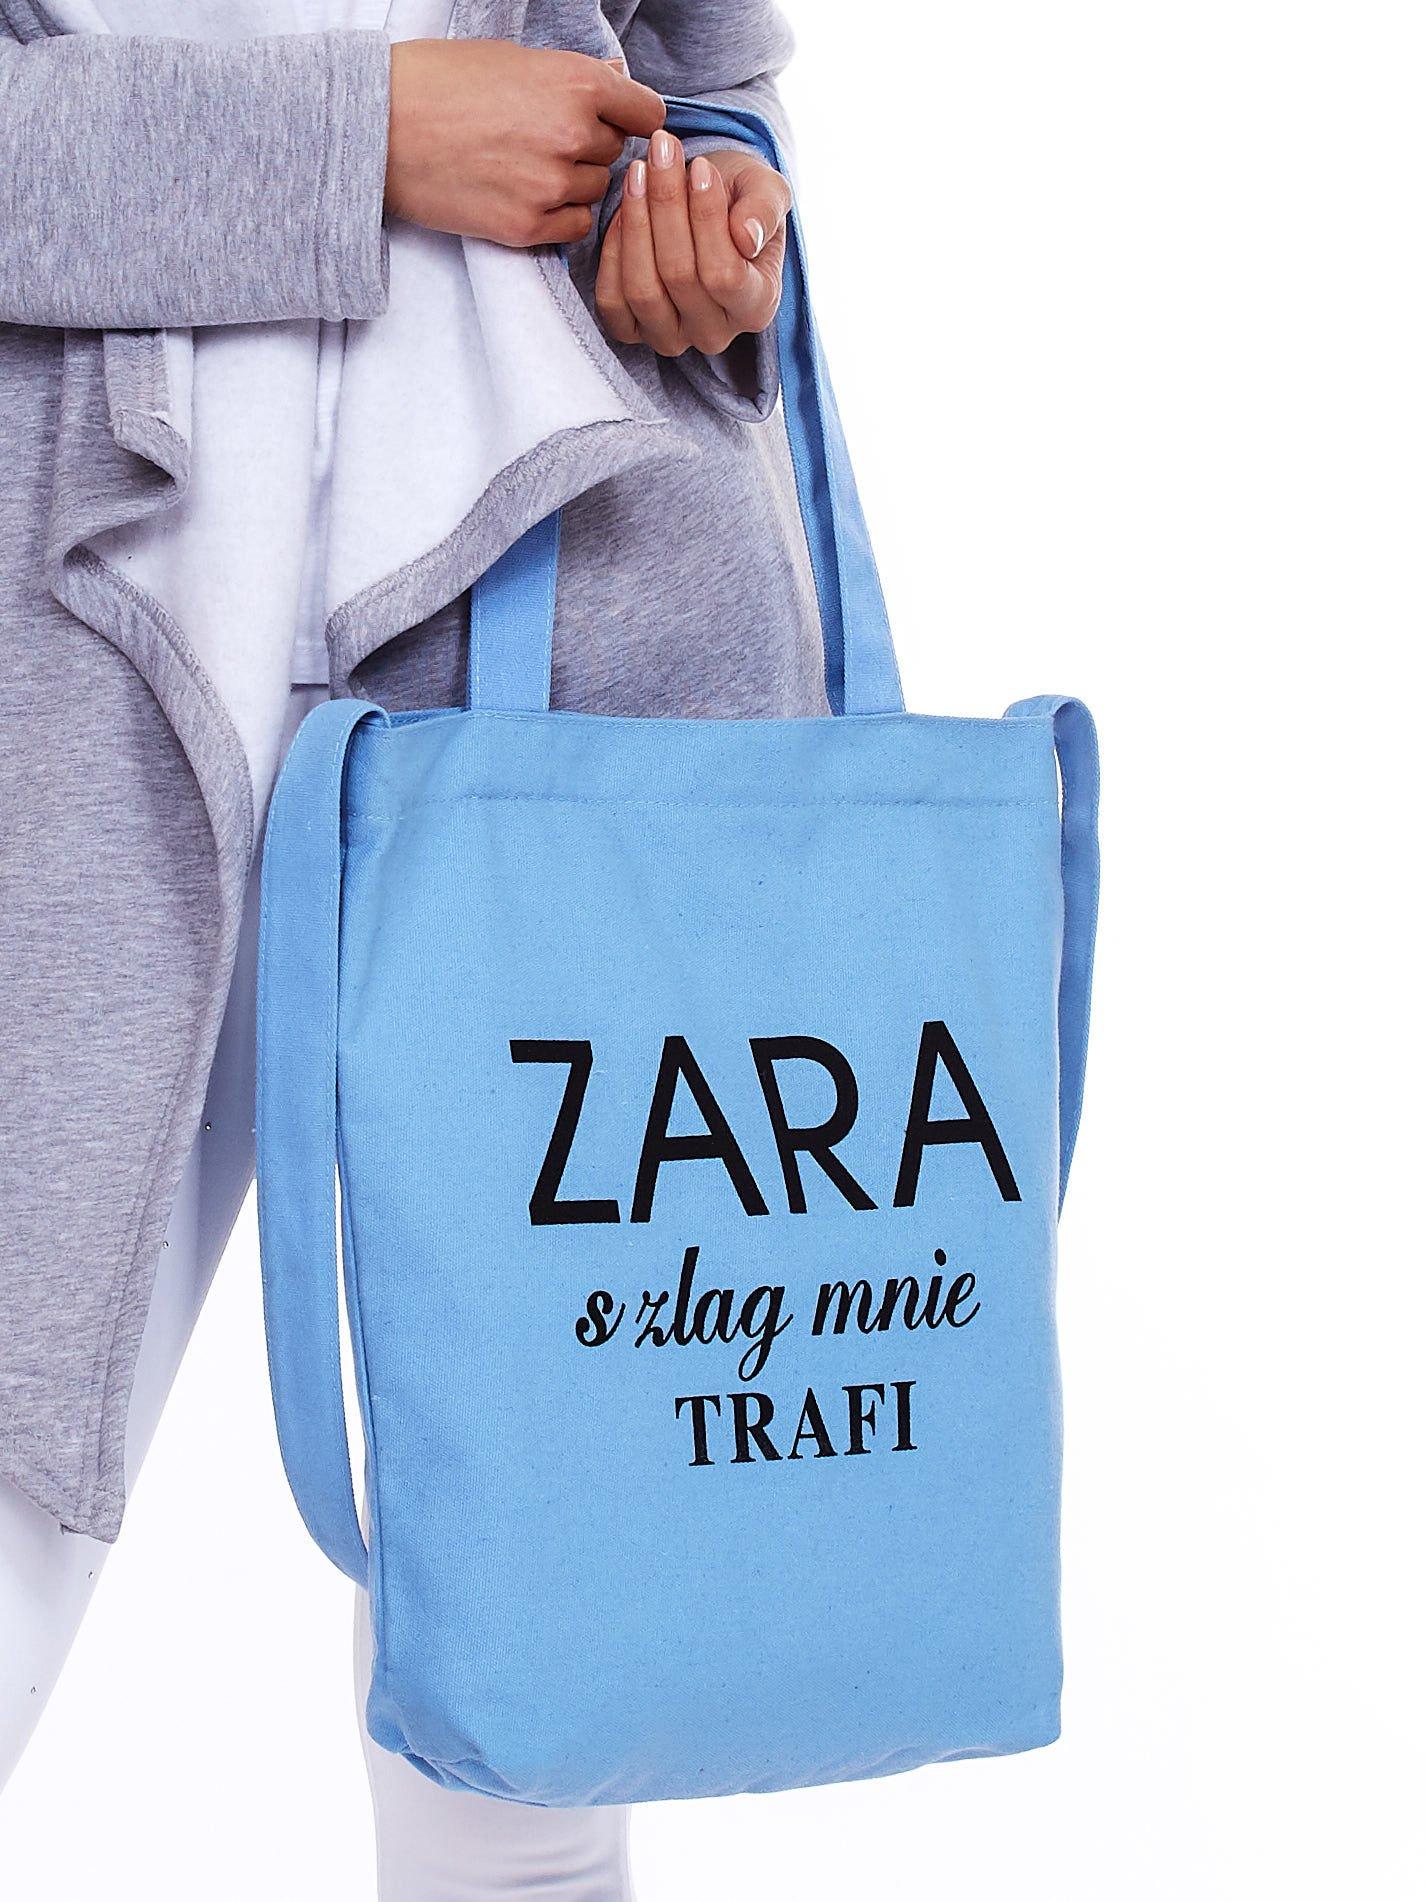 4ea9f9defff84 Niebieska torba materiałowa ZARA SZLAG MNIE TRAFI - Akcesoria torba ...